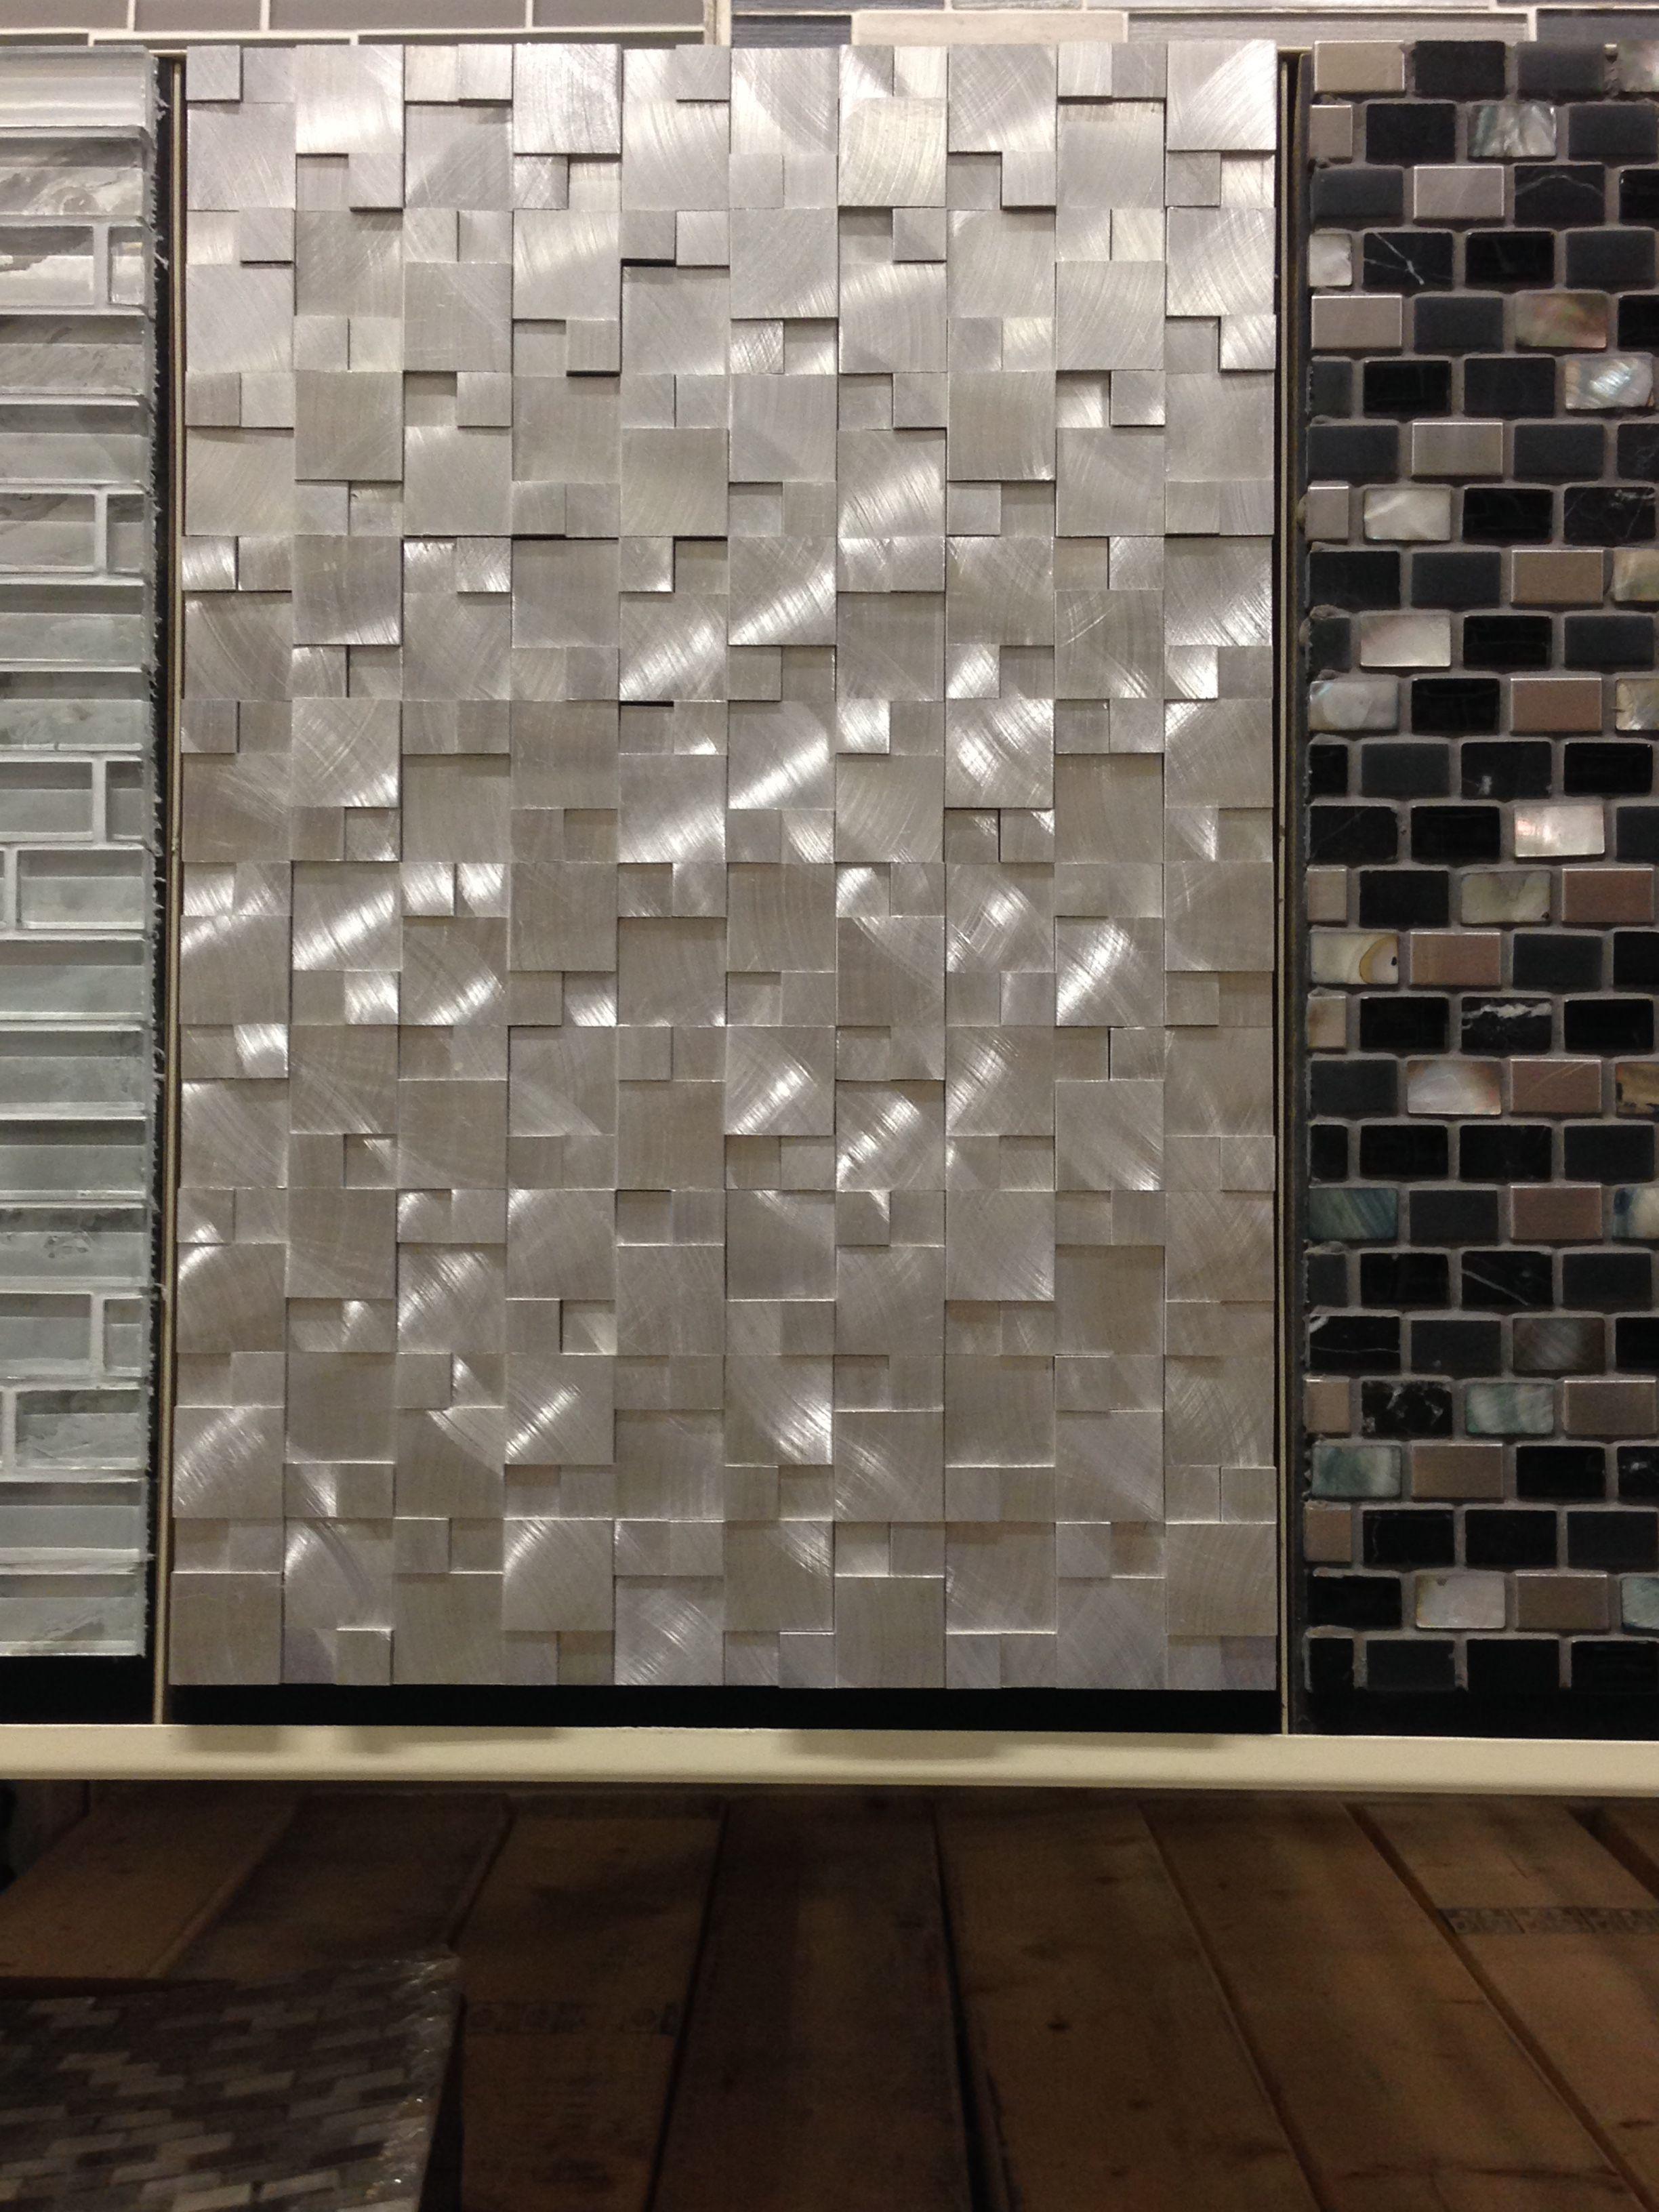 Self Adhesive Tile Sheets At Home Depot